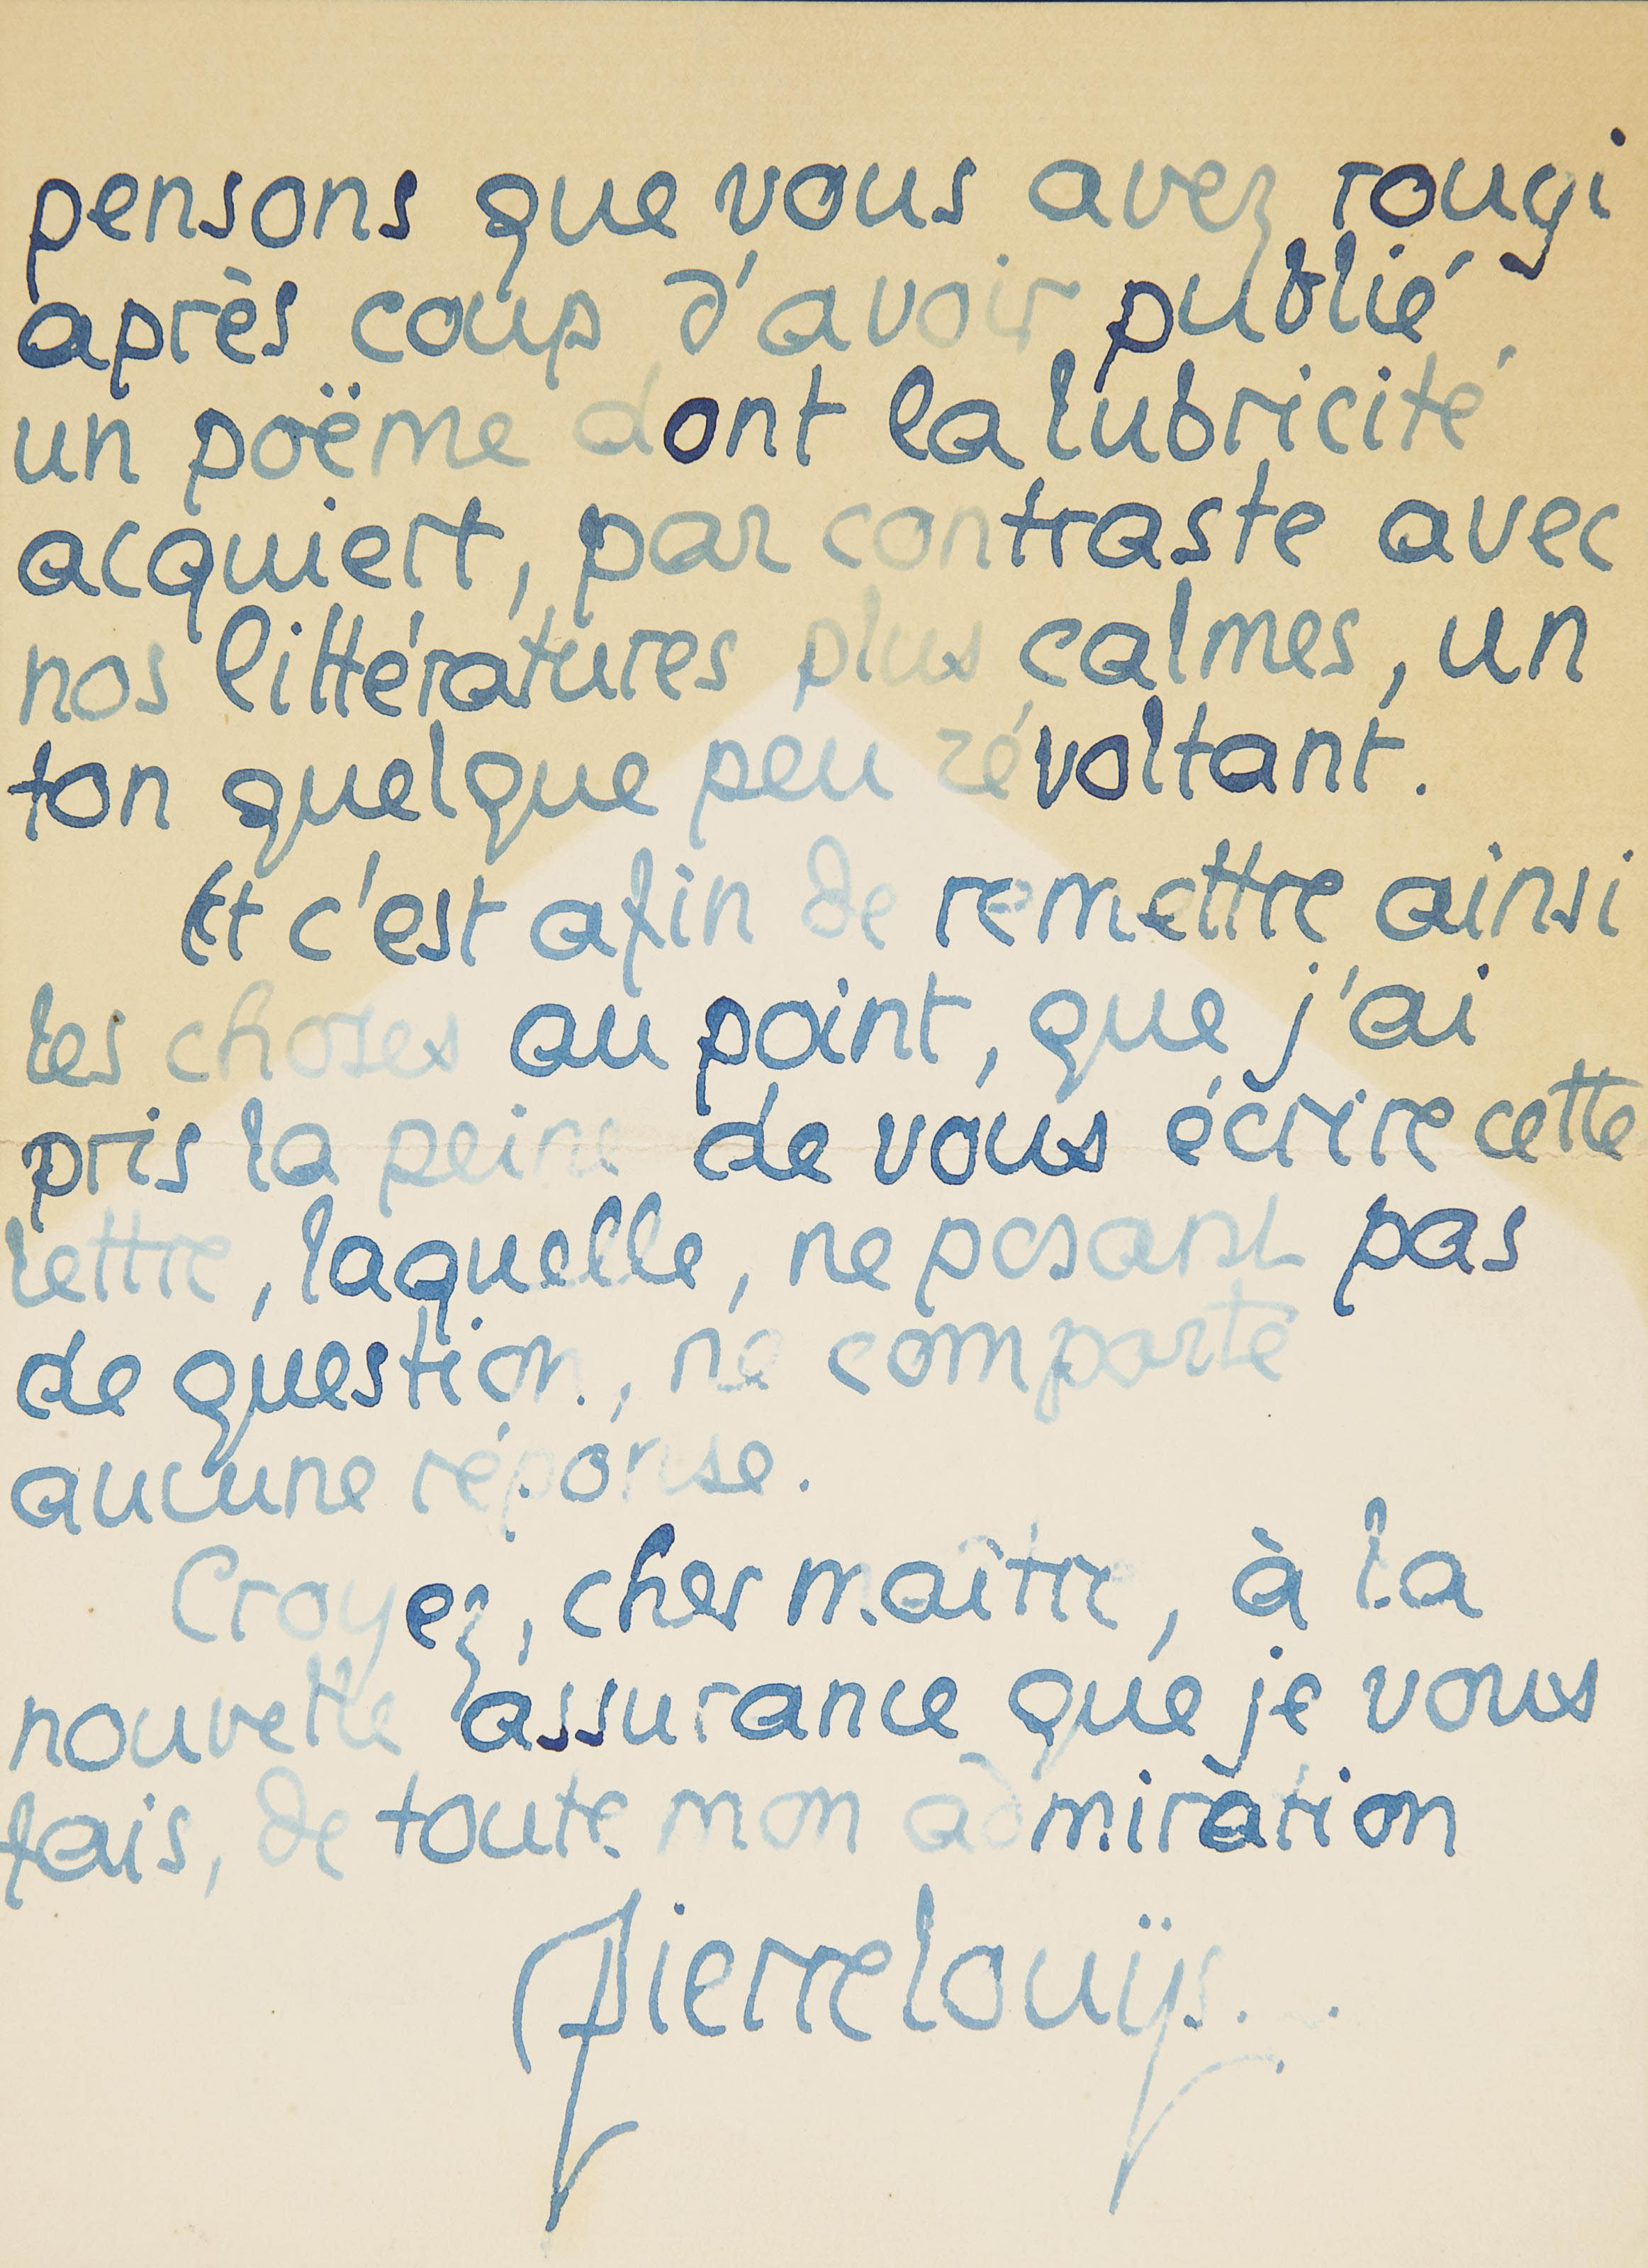 LOUYS, Pierre (1870-1925). Lettre autographe signée à André Gide sans date (22 mai 1896), 4 pages in-8 (173 x 128 mm), avec enveloppe.